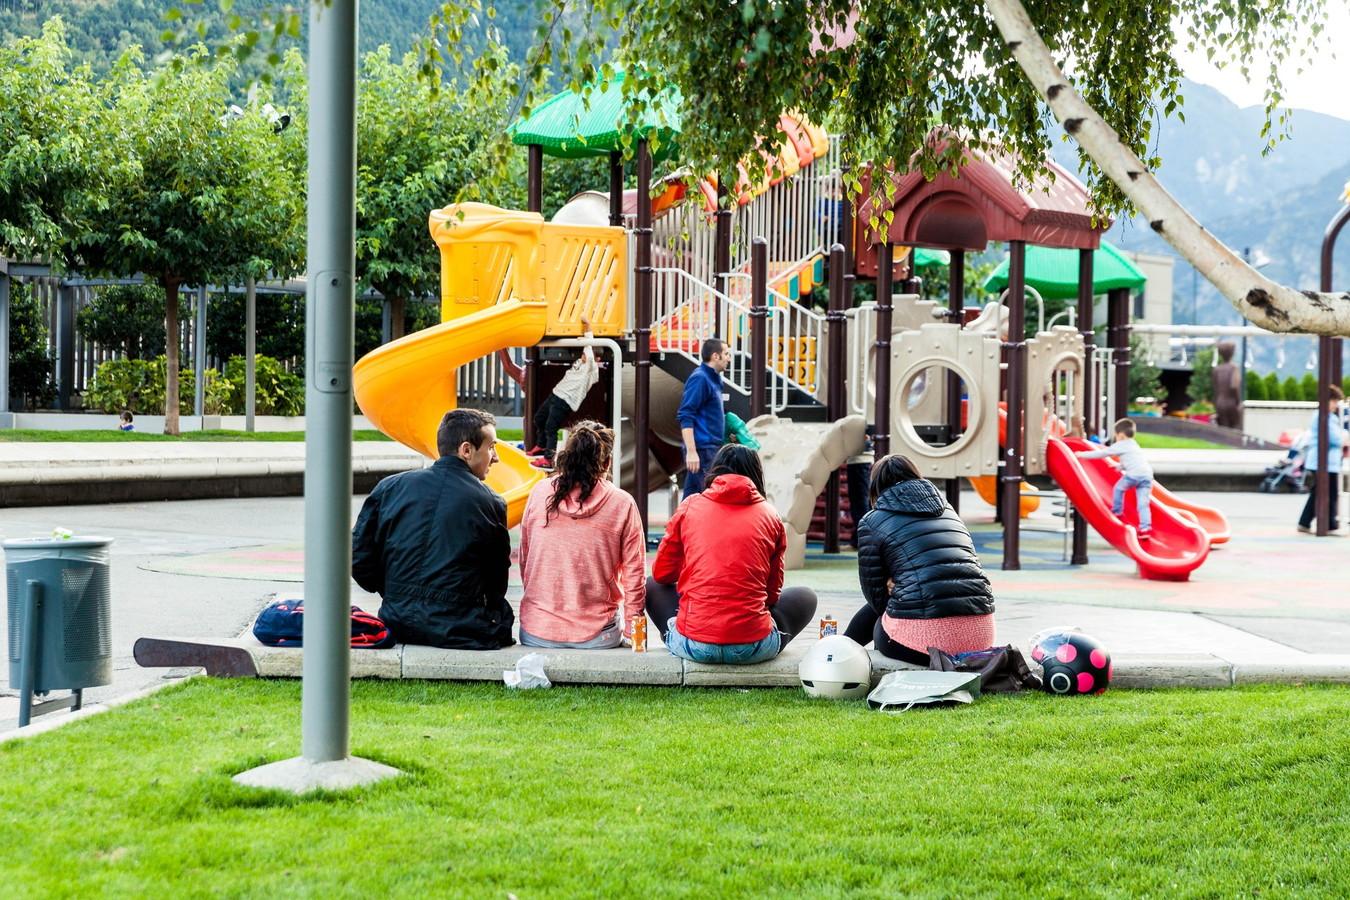 【子供との時間を大切に】親子で公園に出掛けることのメリット7選!